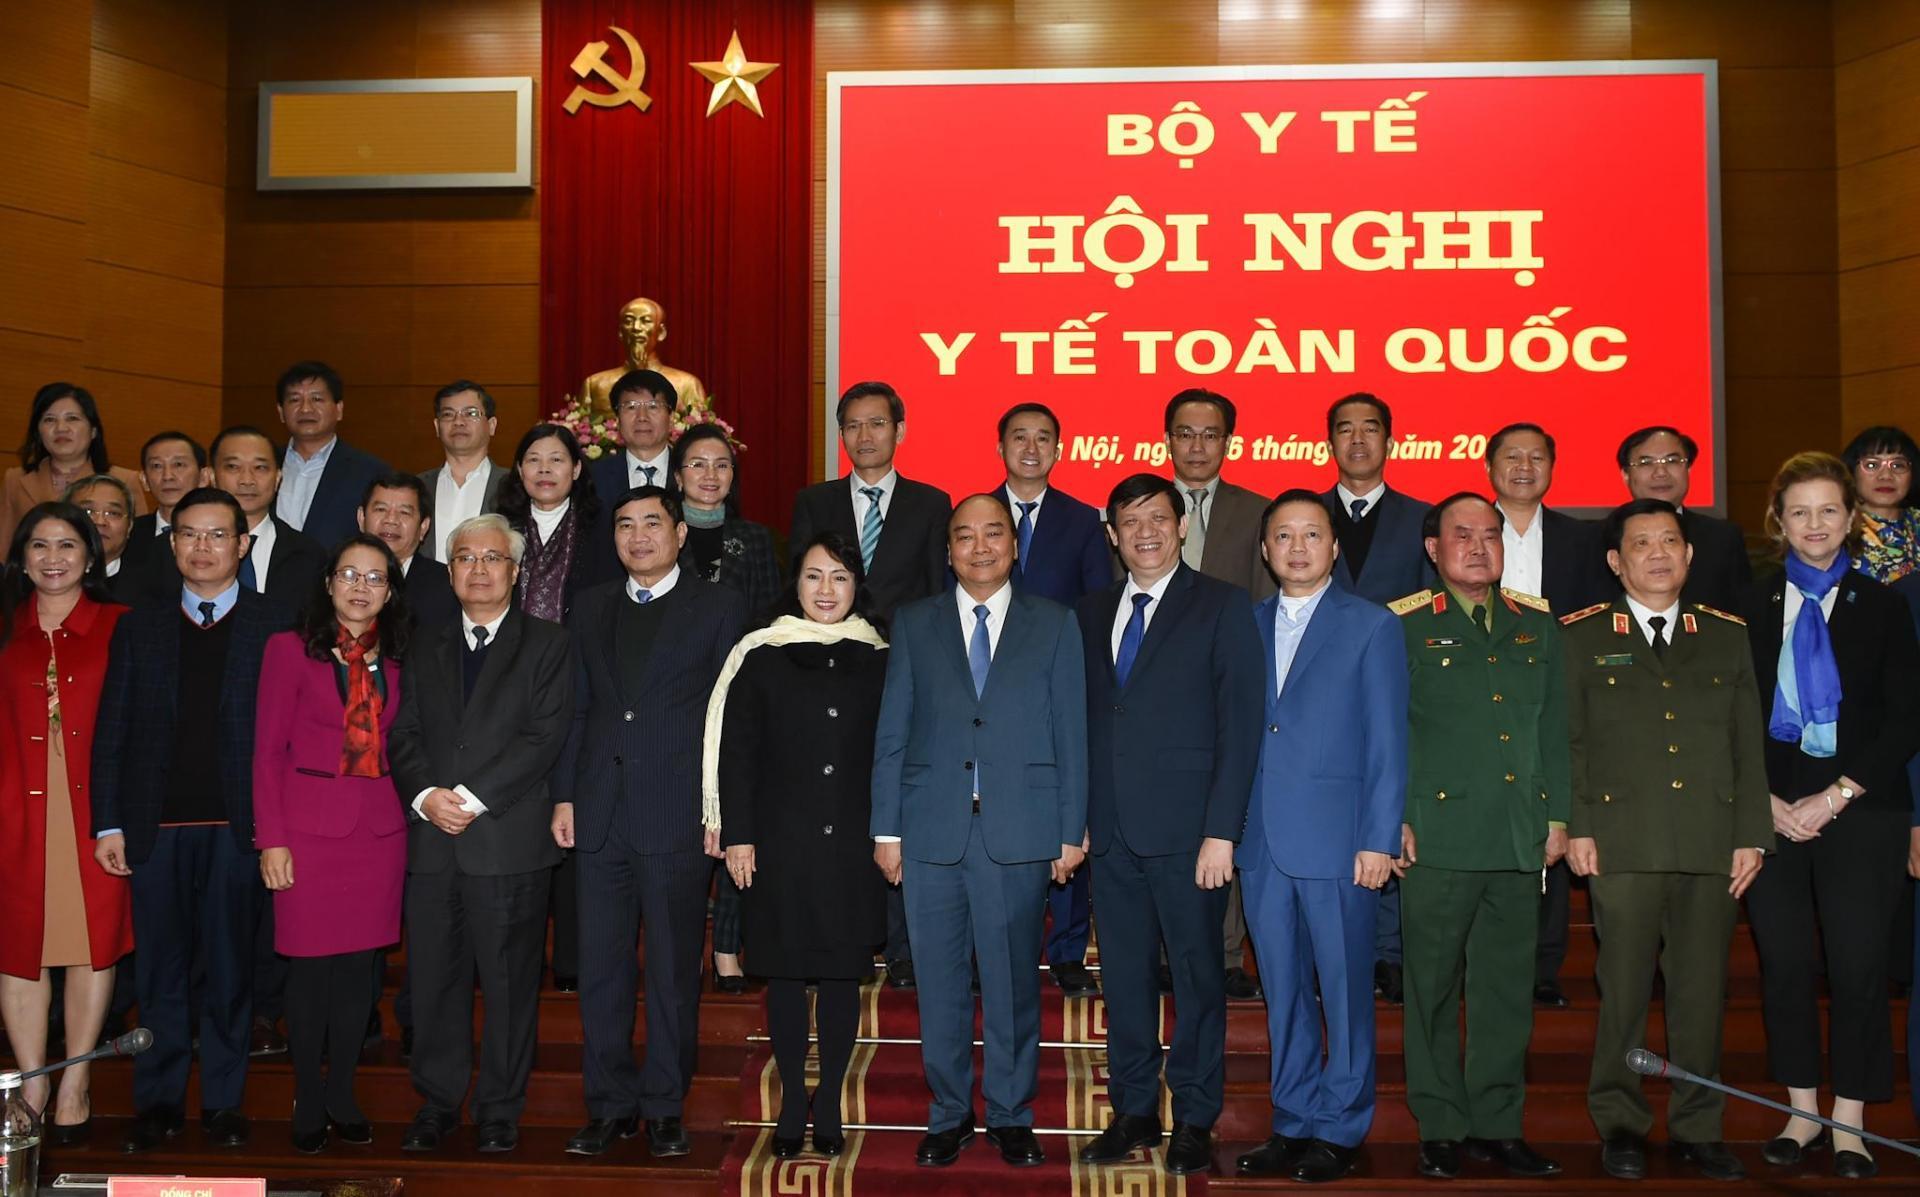 Thủ tướng Chính phủ Nguyễn Xuân Phúc chụp ảnh lưu niệm cùng các đại biểu dự hội nghị.